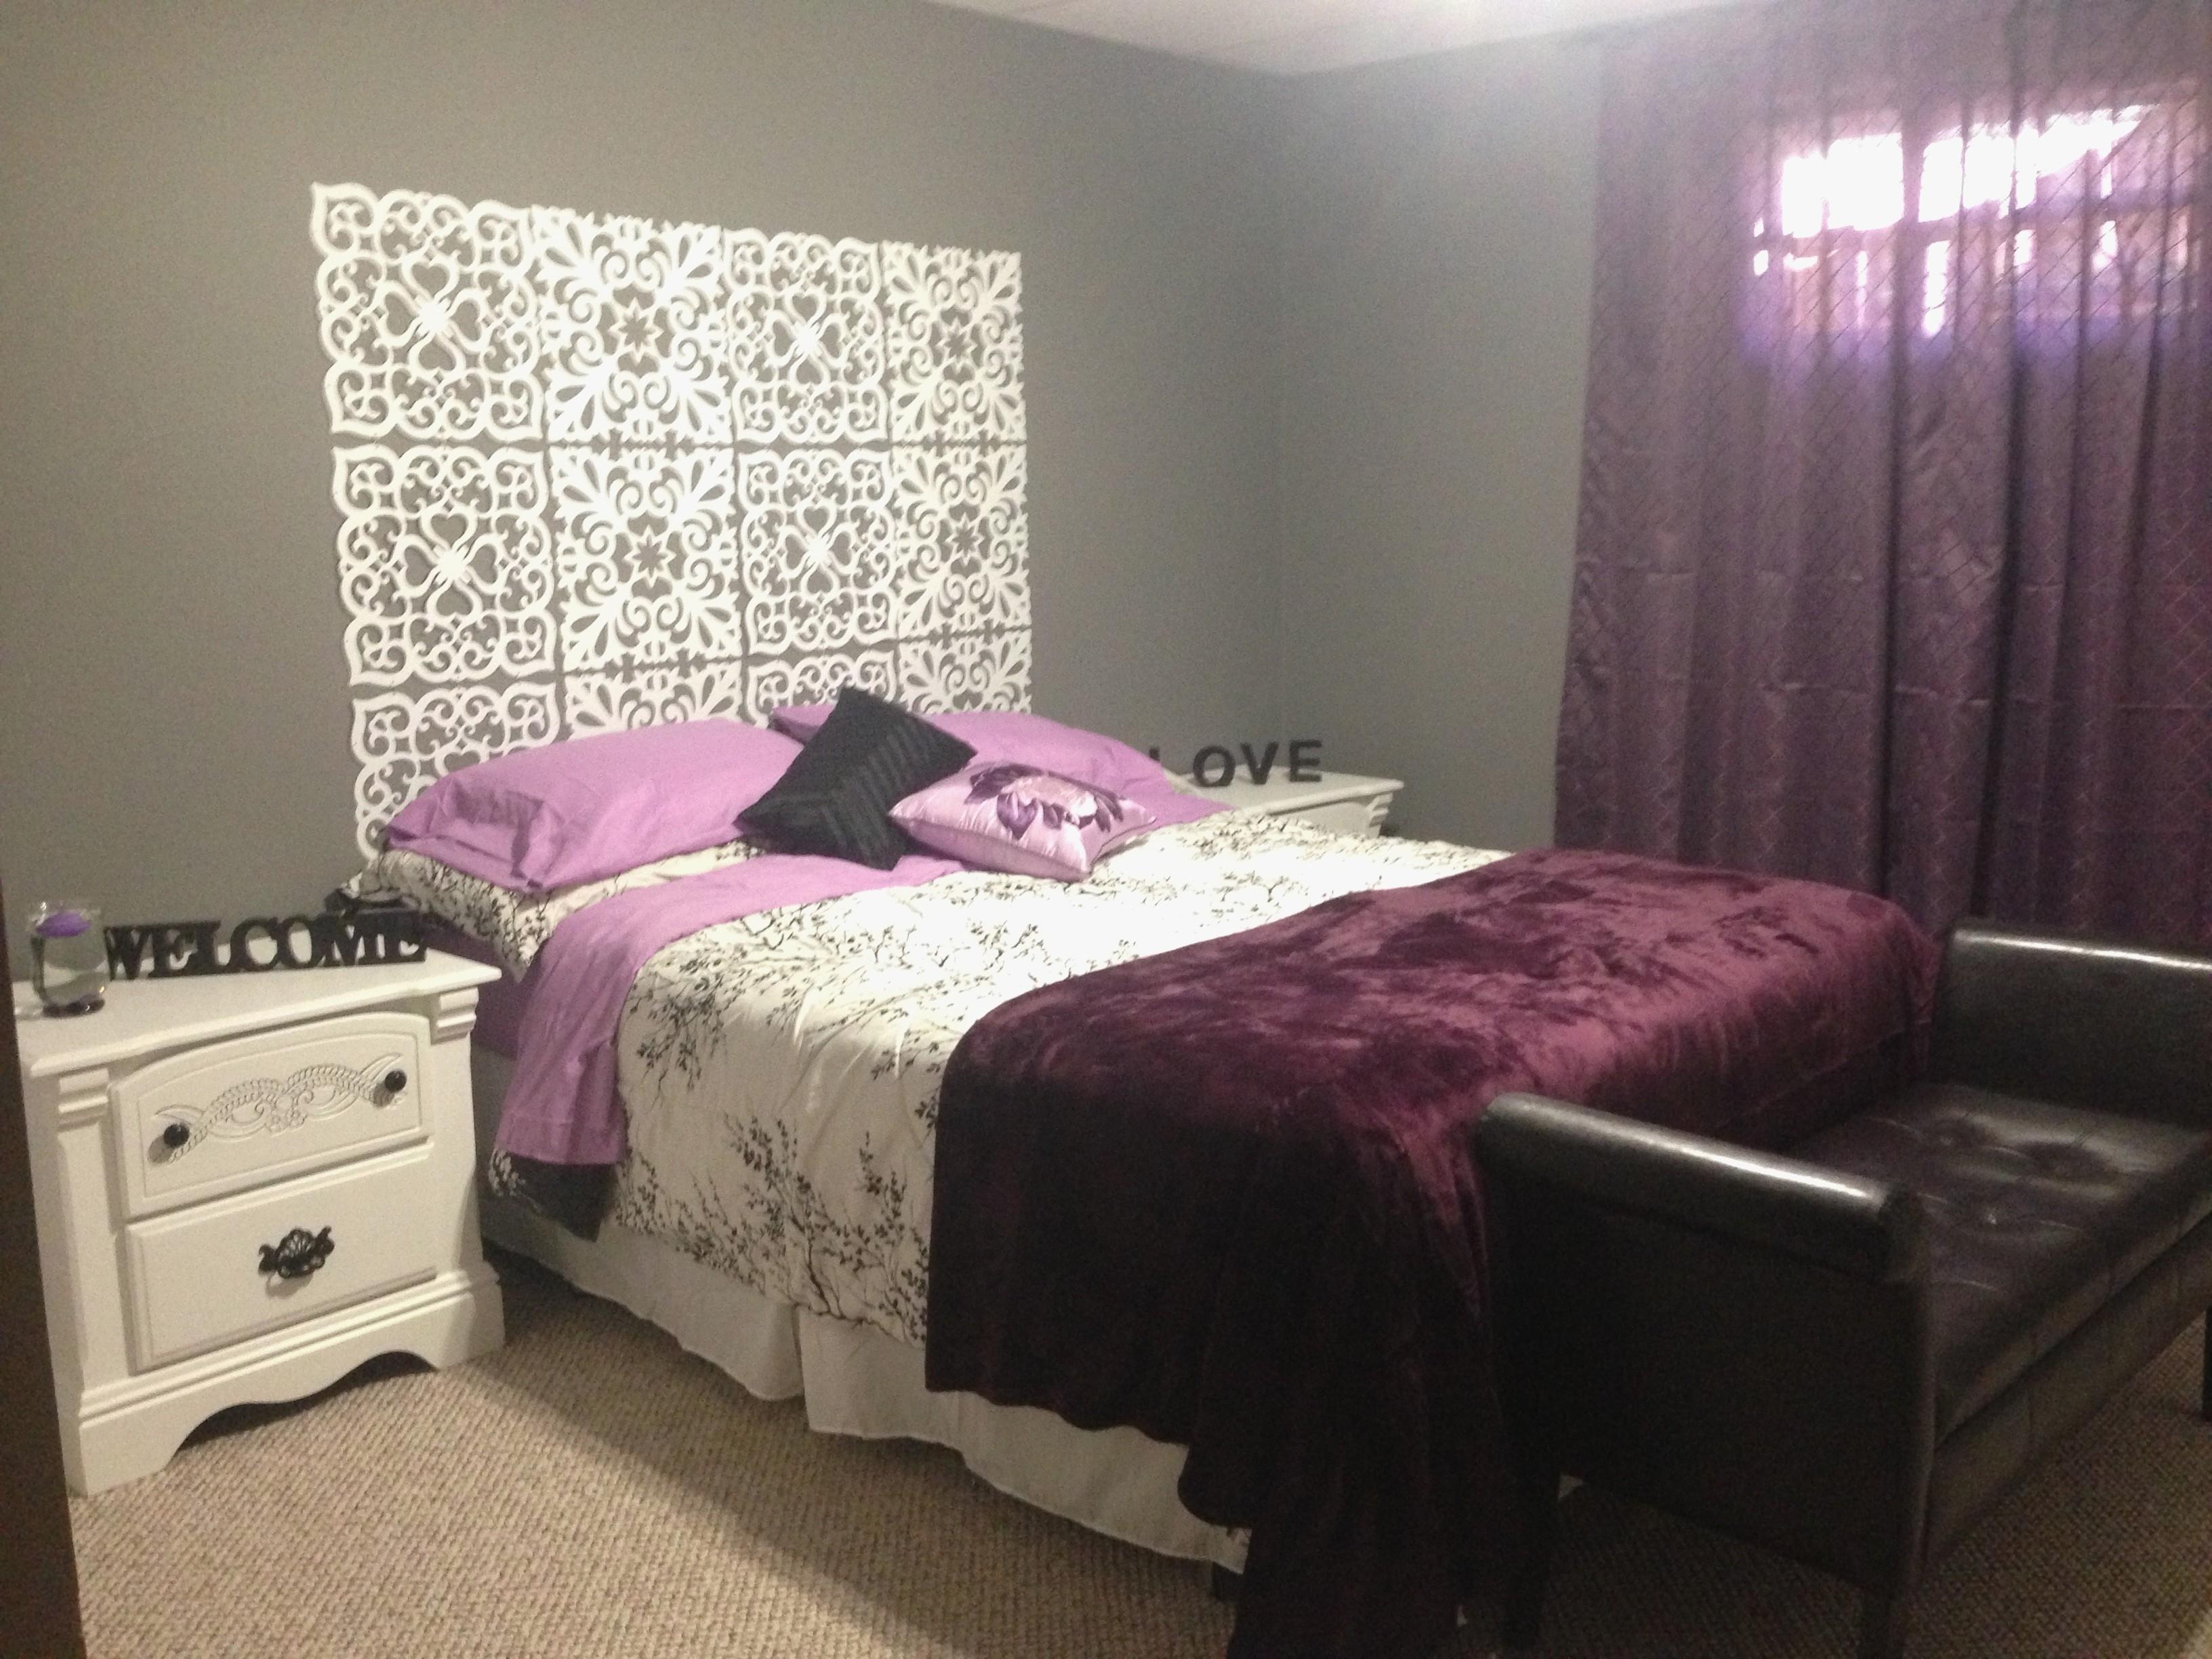 Luxury Design Of Purple And Grey Bedroom - Best Home Design Ideas for Recent Purple And Grey Wall Art